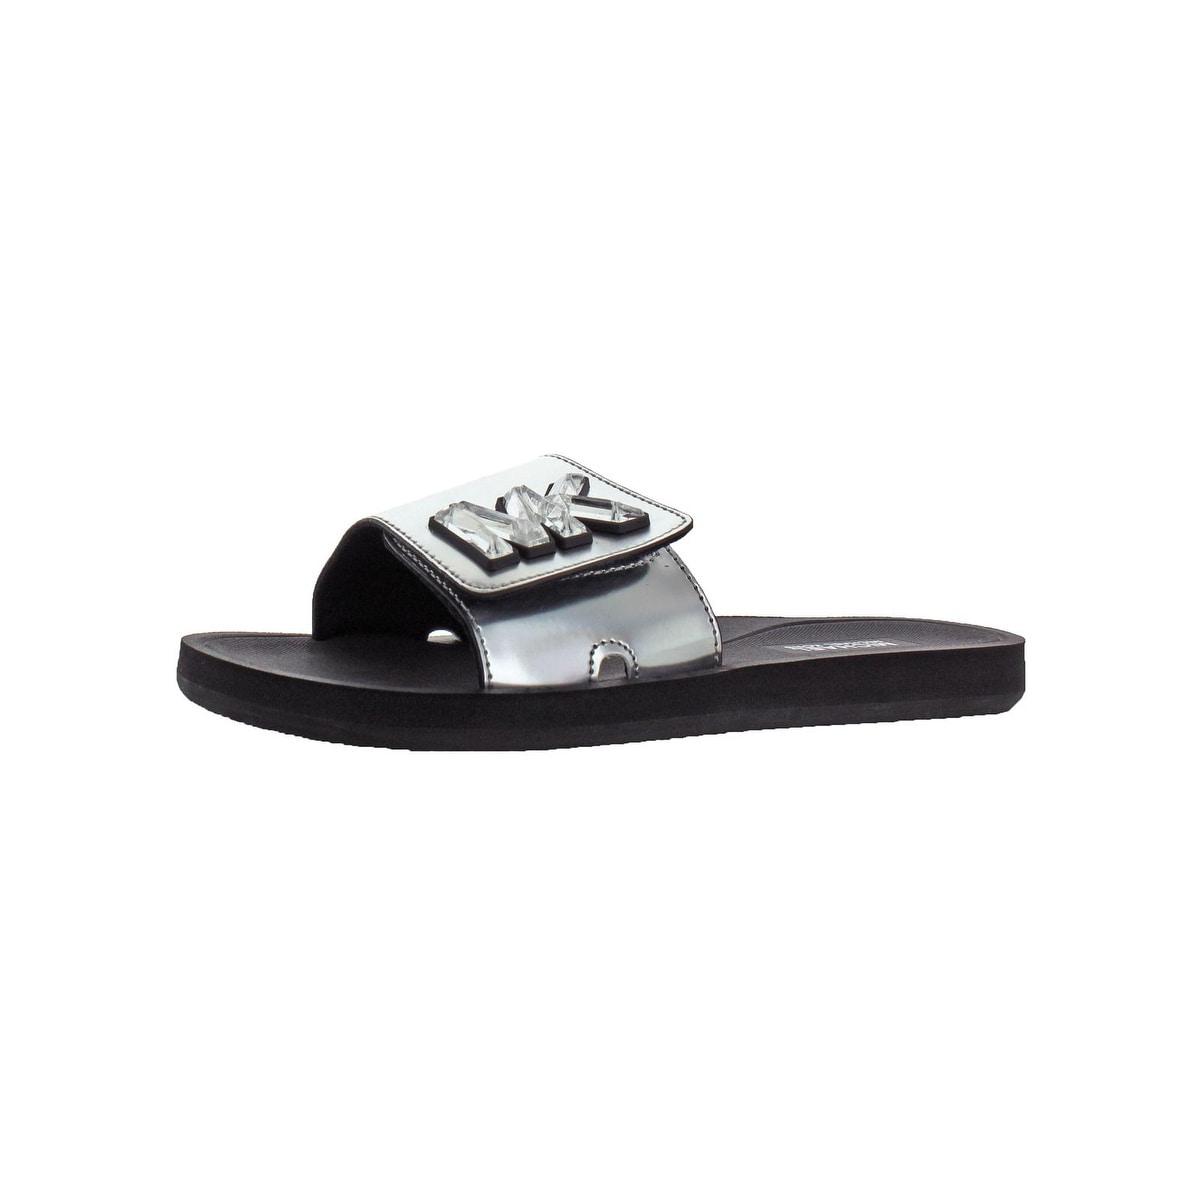 3d81691477ef5e Buy MICHAEL Michael Kors Women s Sandals Online at Overstock